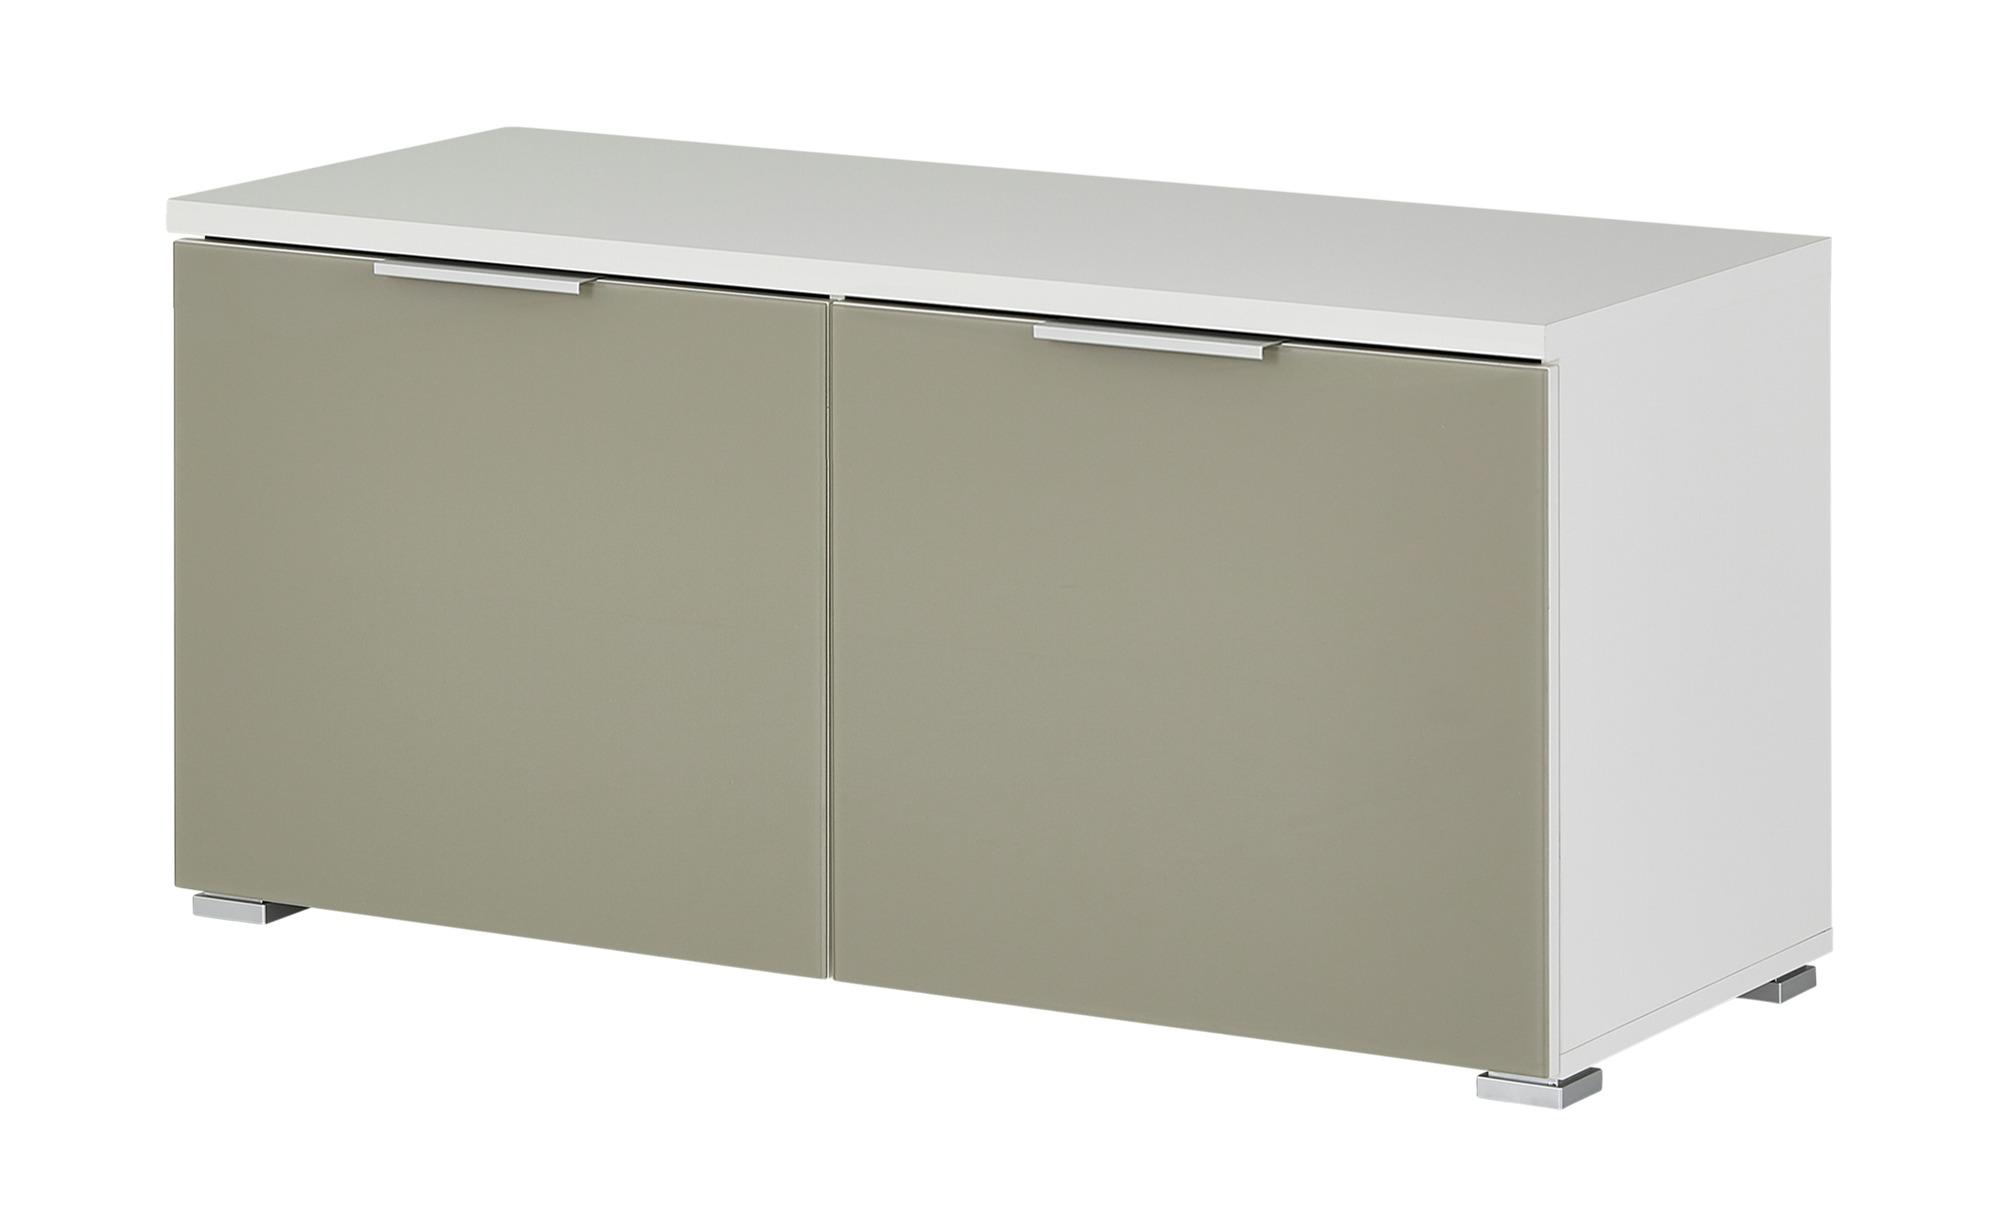 uno Garderobenbank  Imona - 97 cm - 47 cm - 40 cm - Bänke > Einzelbänke - Möbel Kraft | Flur & Diele > Garderoben > Garderobenbänke | uno